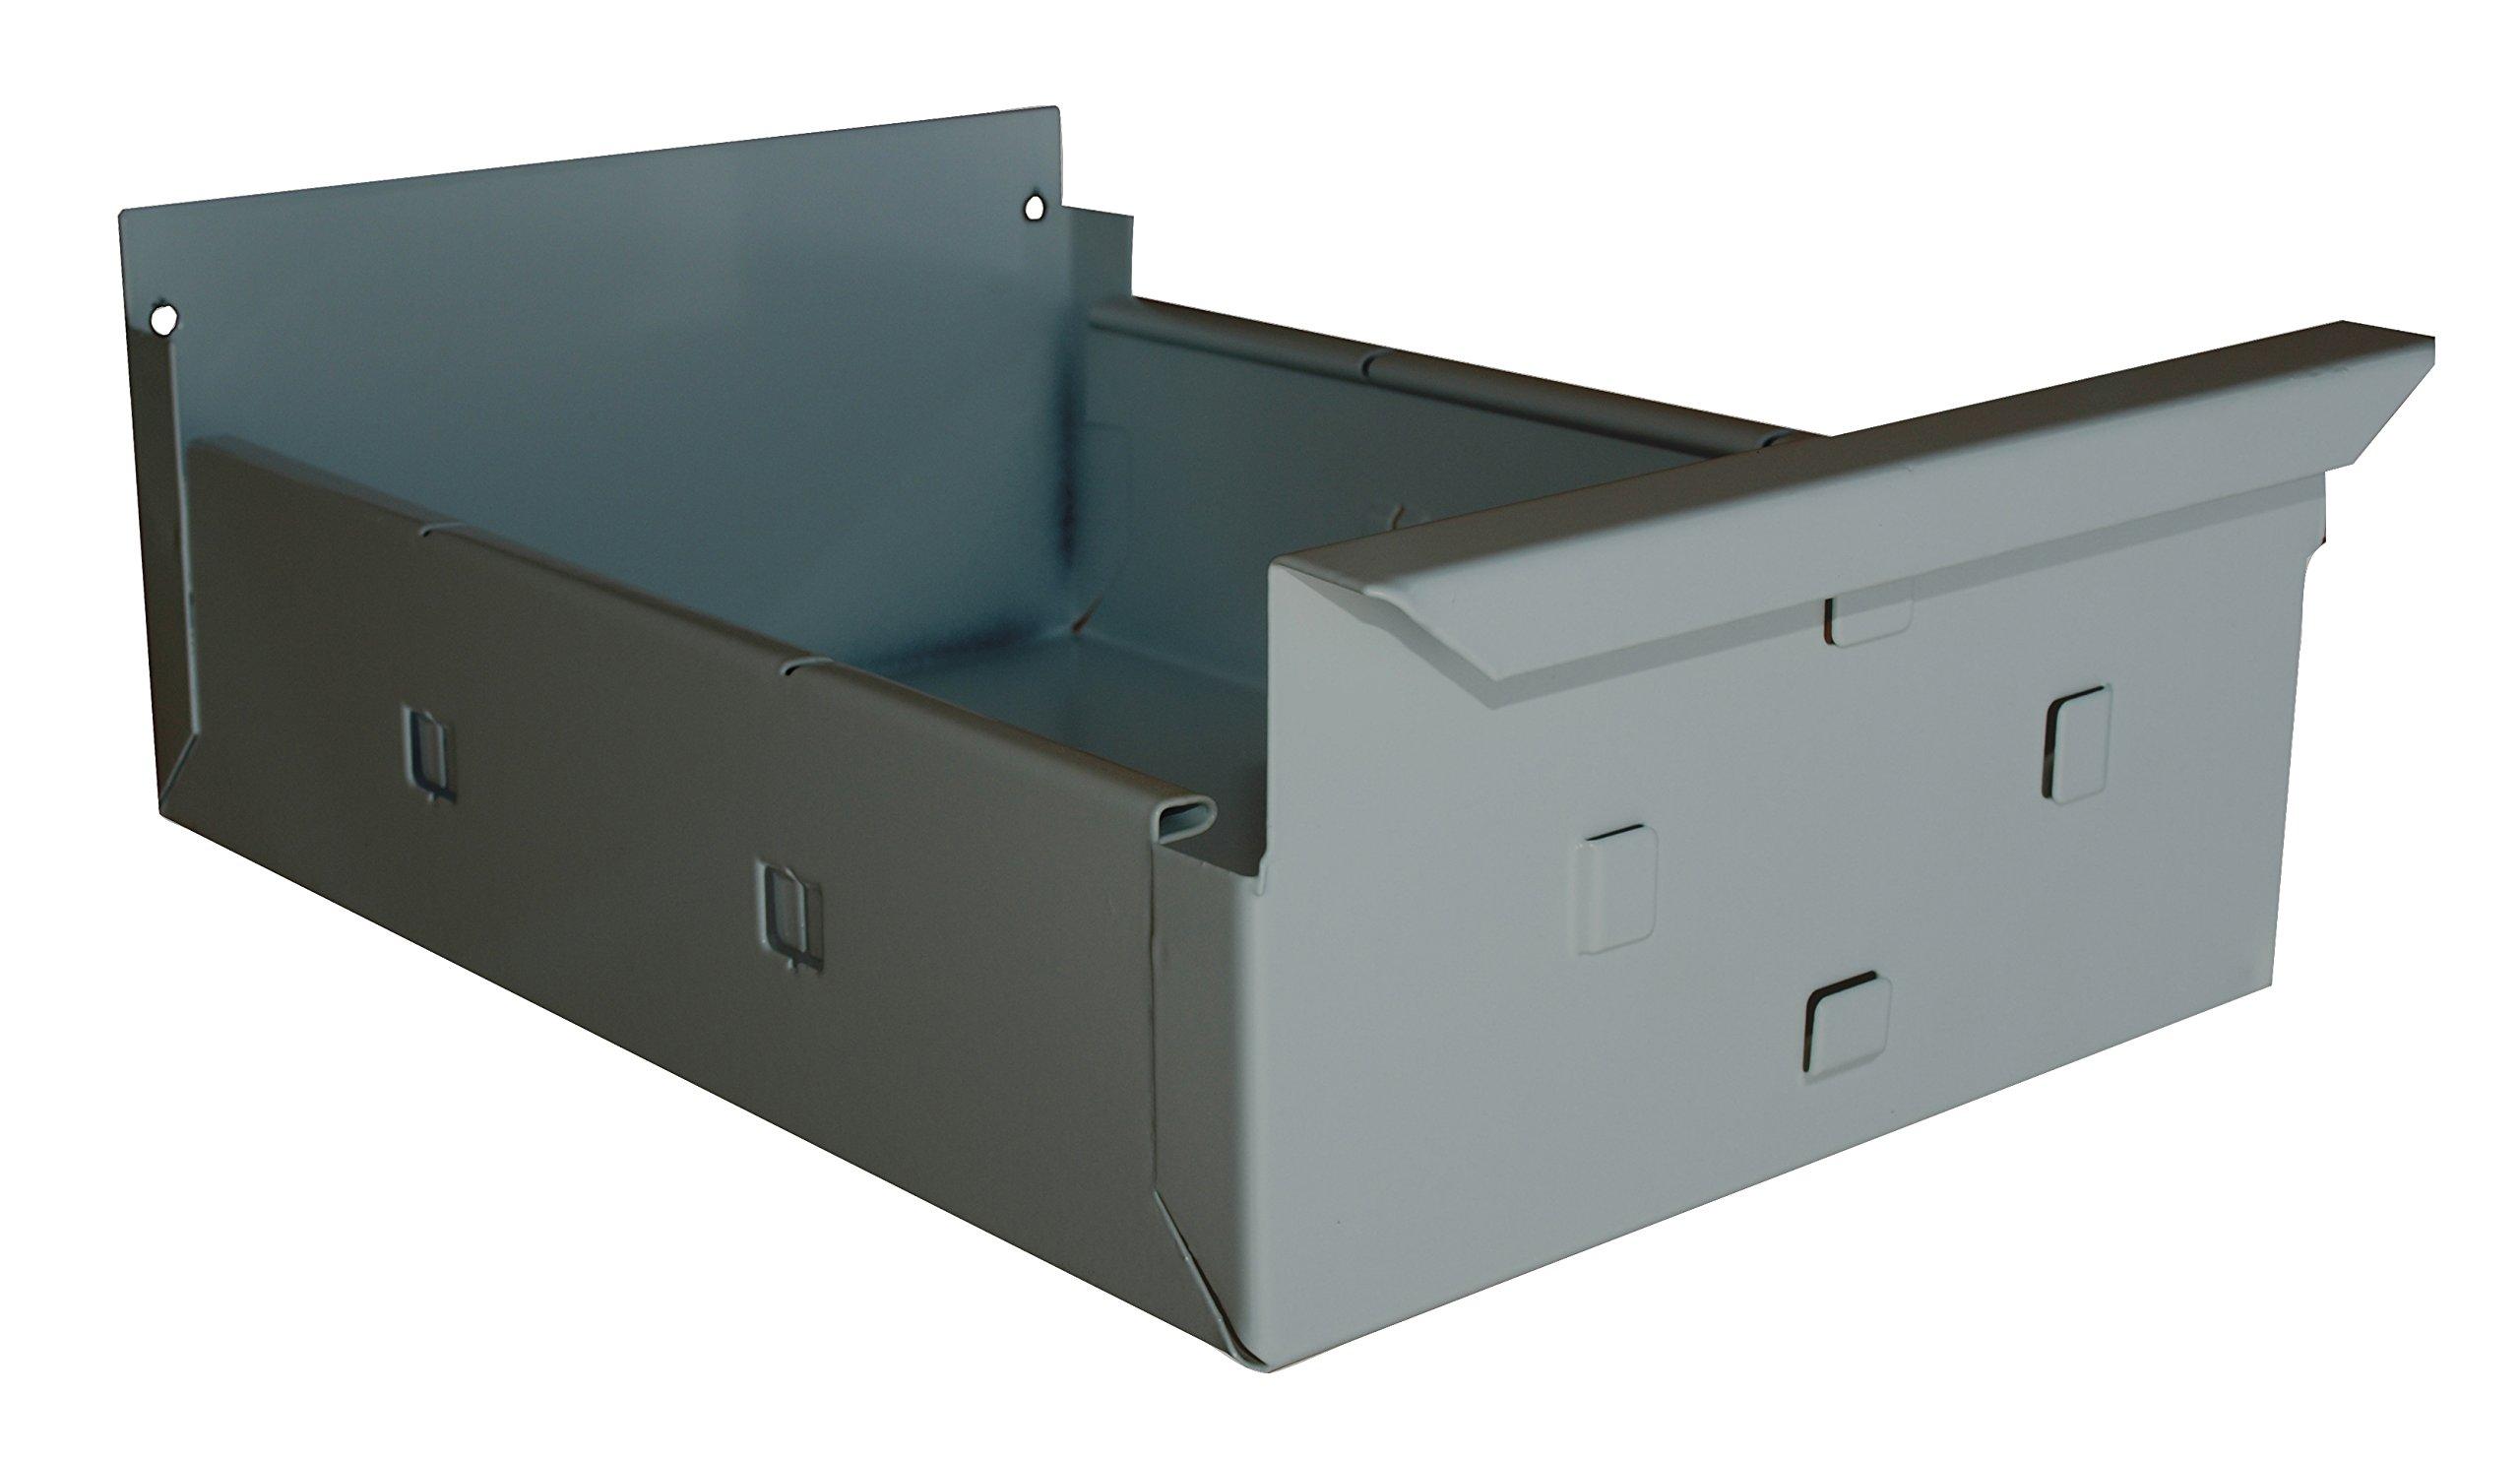 Simonrack C/50X3, Grey Dark, 270 x 500 x 100 mm